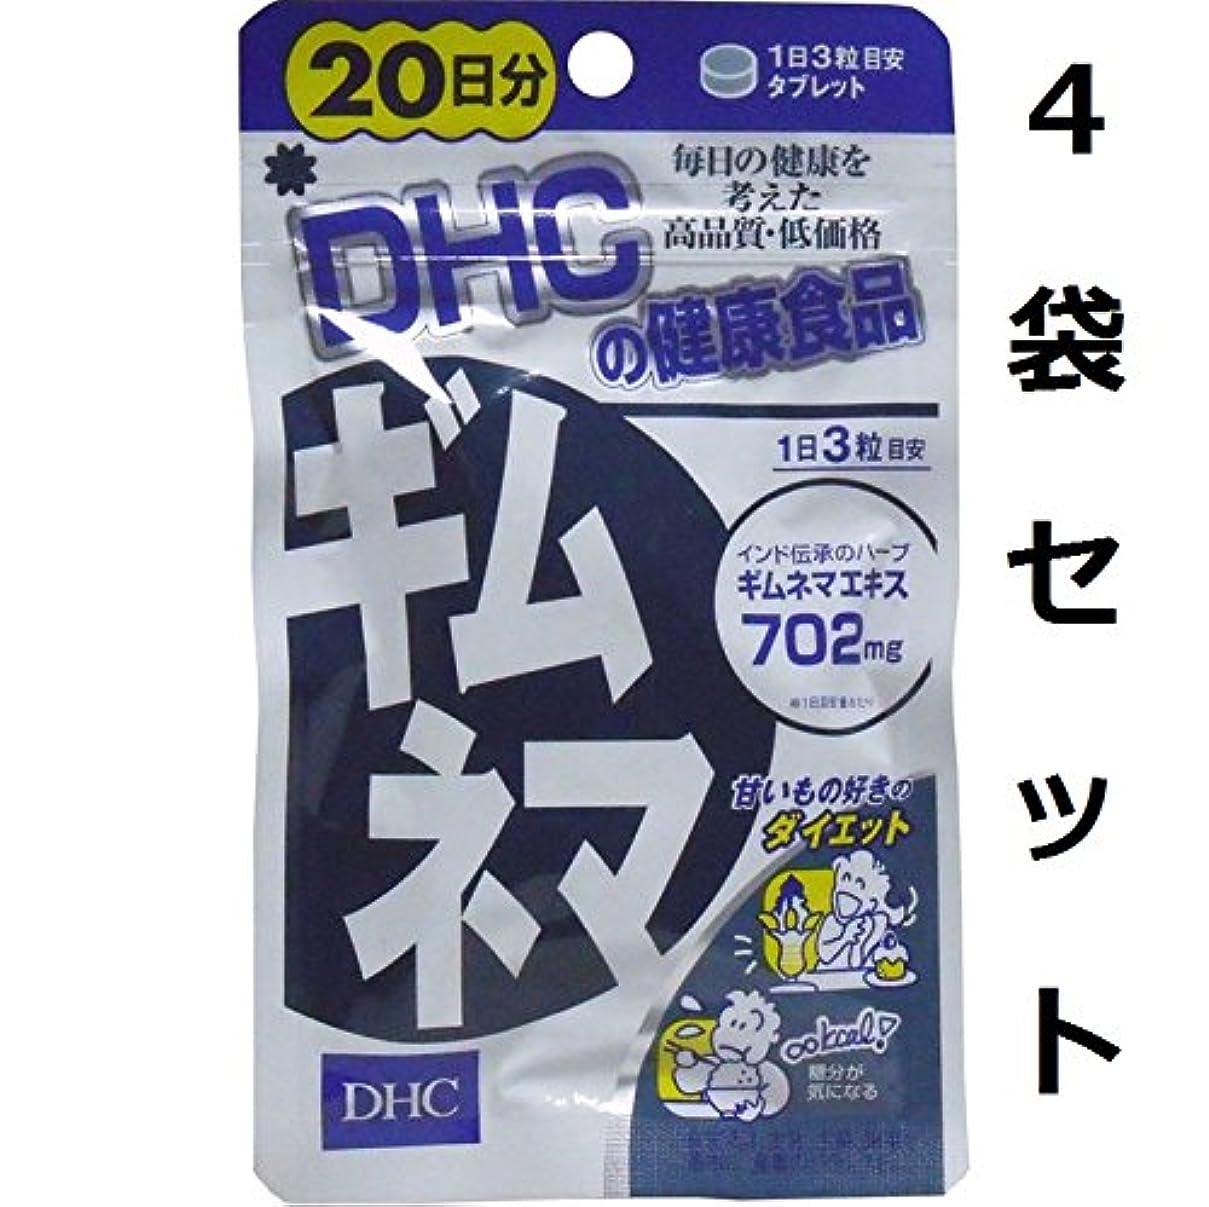 不屈ラテンニンニク大好きな「甘いもの」をムダ肉にしない DHC ギムネマ 20日分 60粒 4袋セット